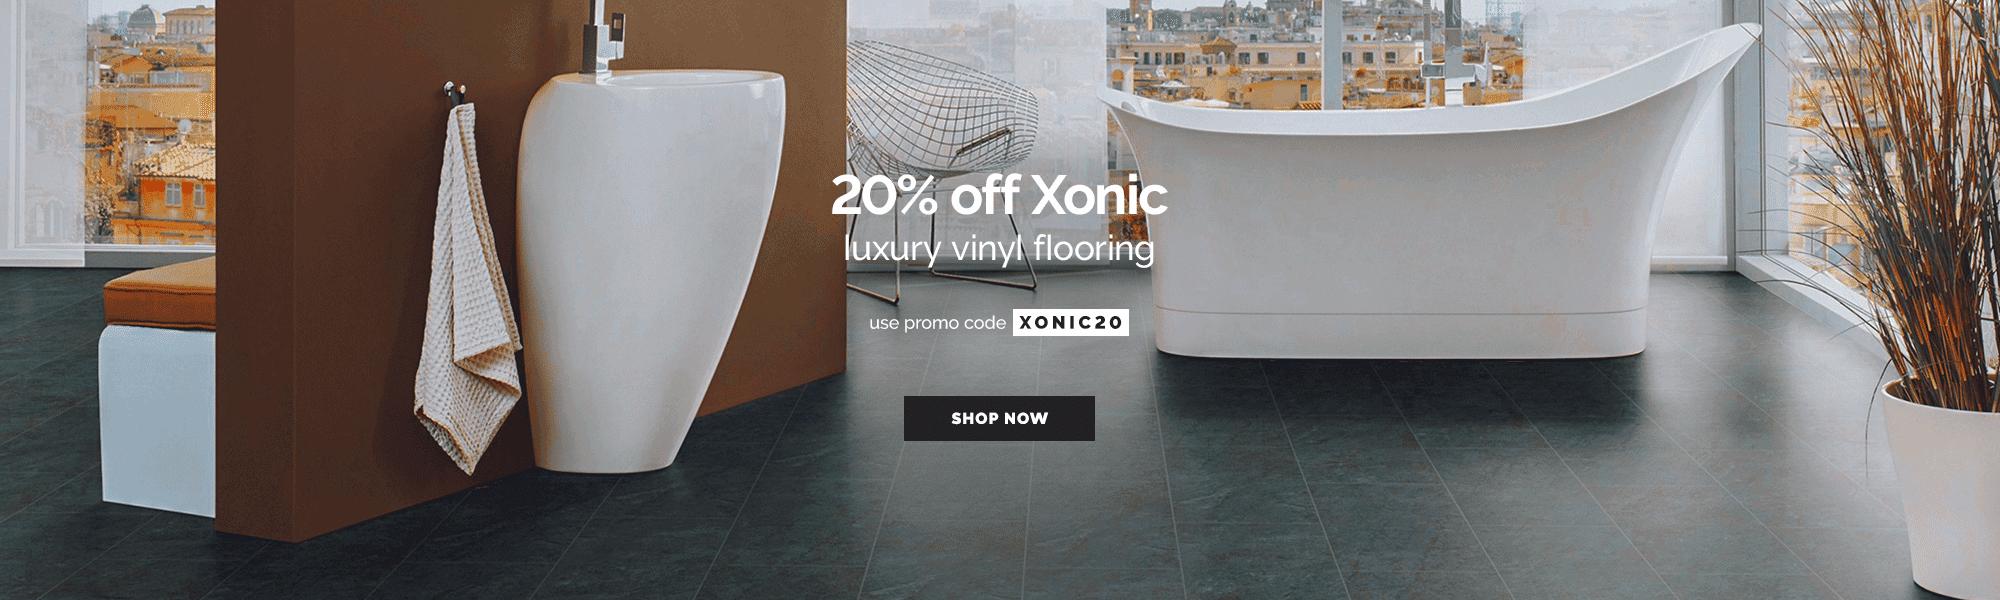 July - 20% off Xonic